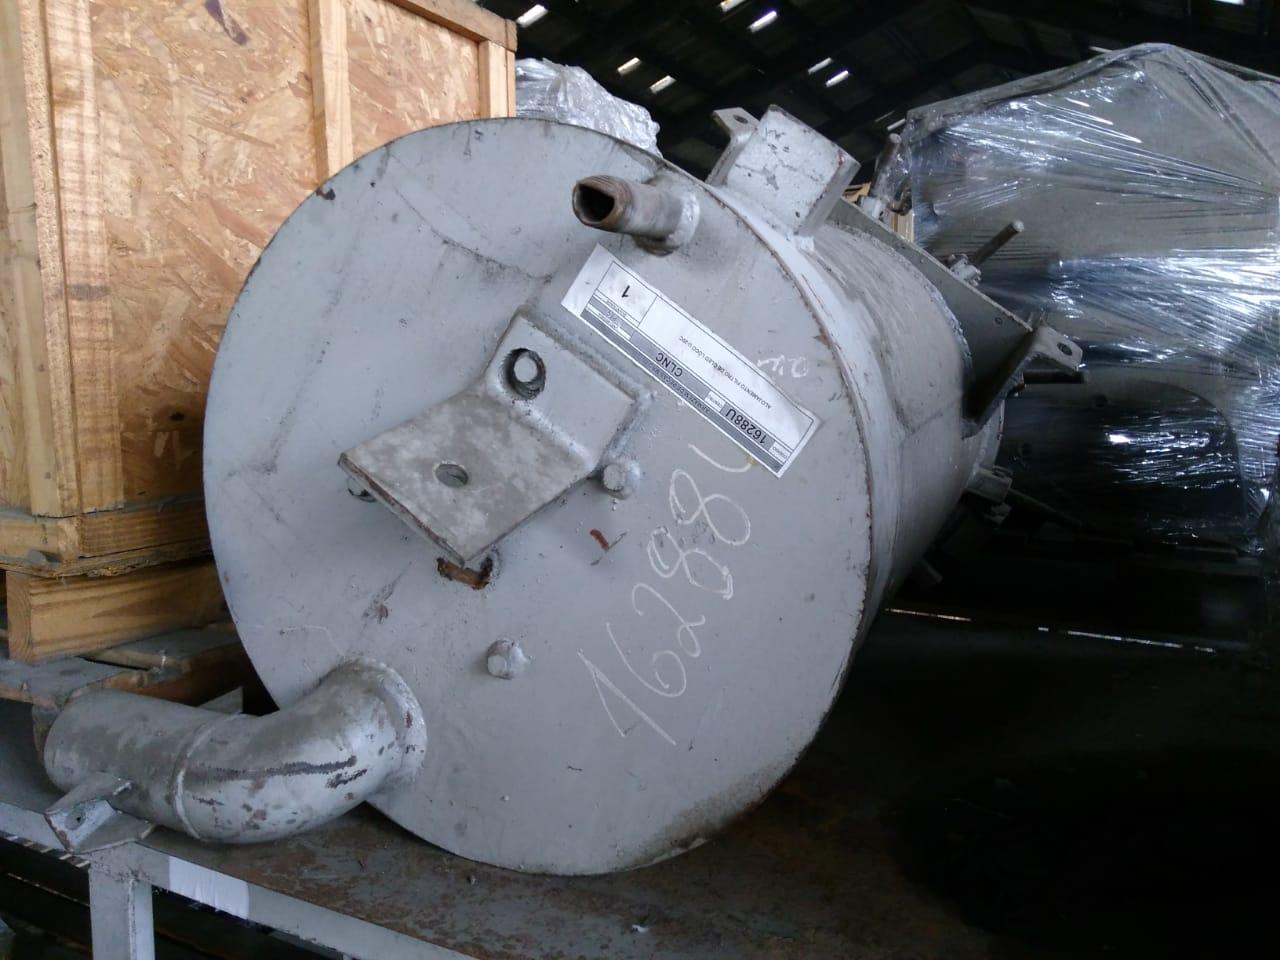 Alojamento filtro de óleo loco u-20c aprox. 1 unidade